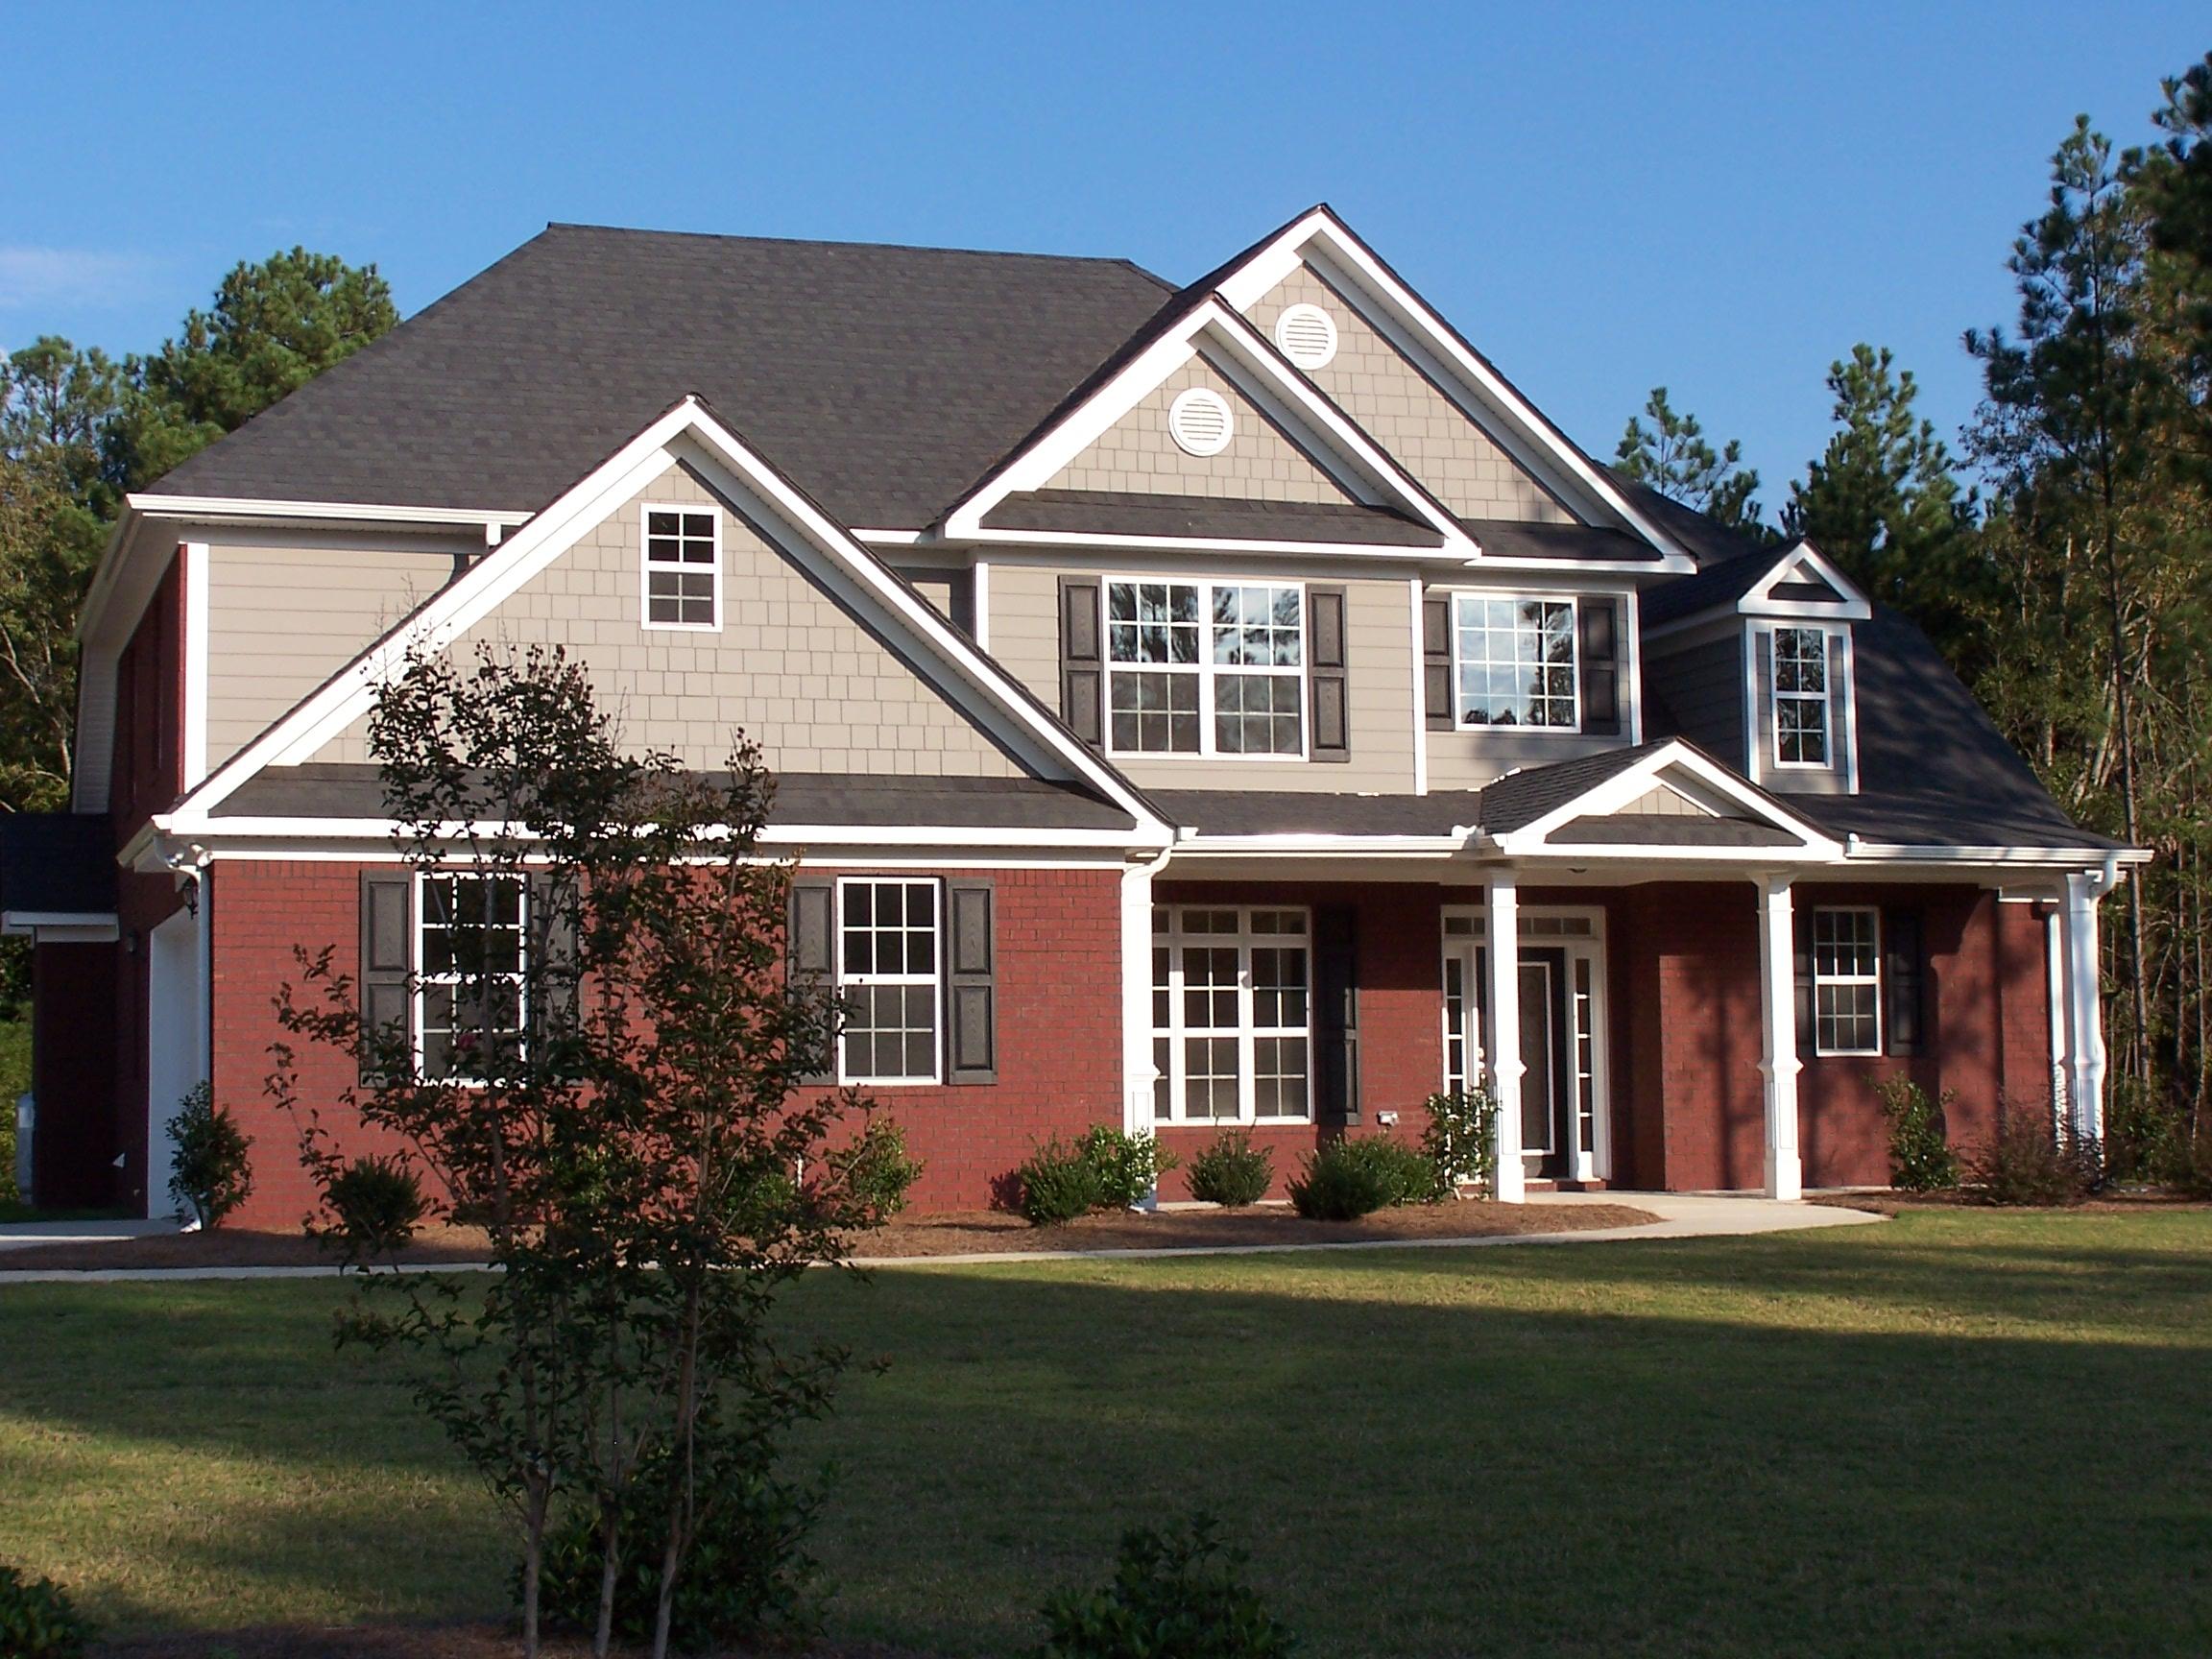 Jmc homes inc custom home builders for Jmc homes floor plans